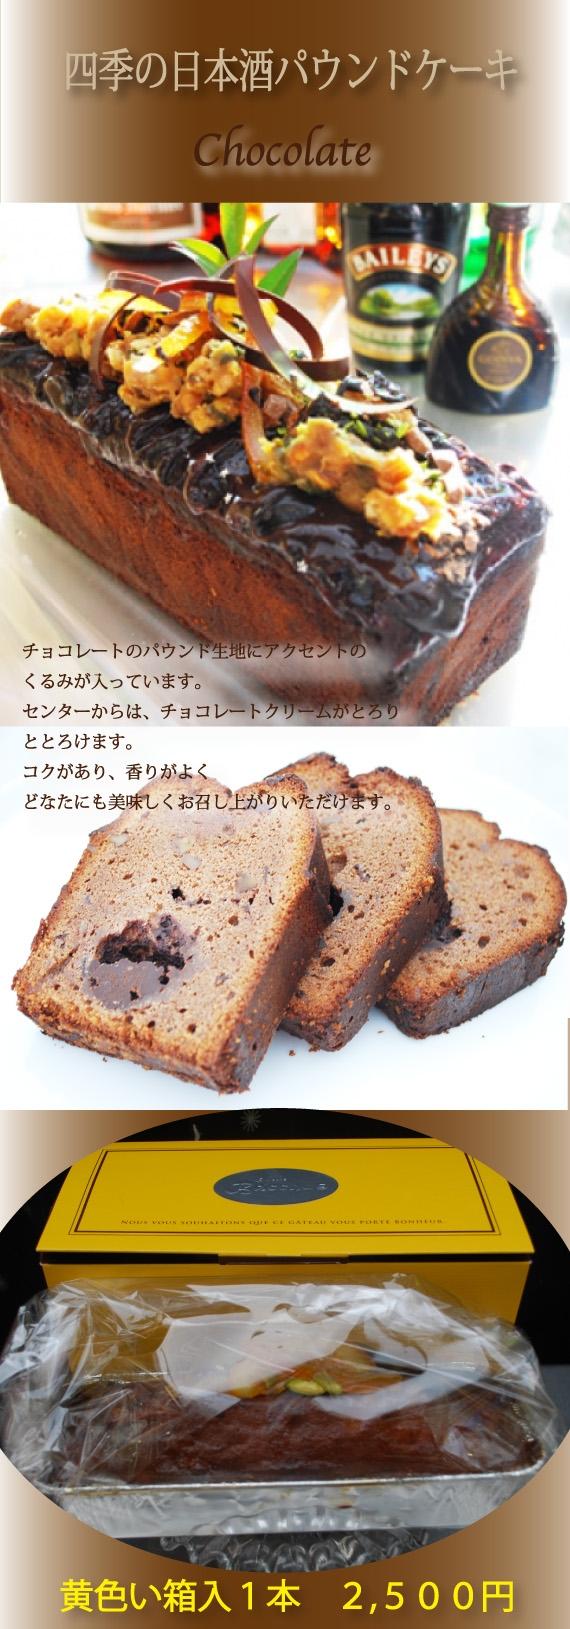 熟成日本酒パウンドケーキ 「ビターチョコレートM」濃厚でしっとり 10カット分